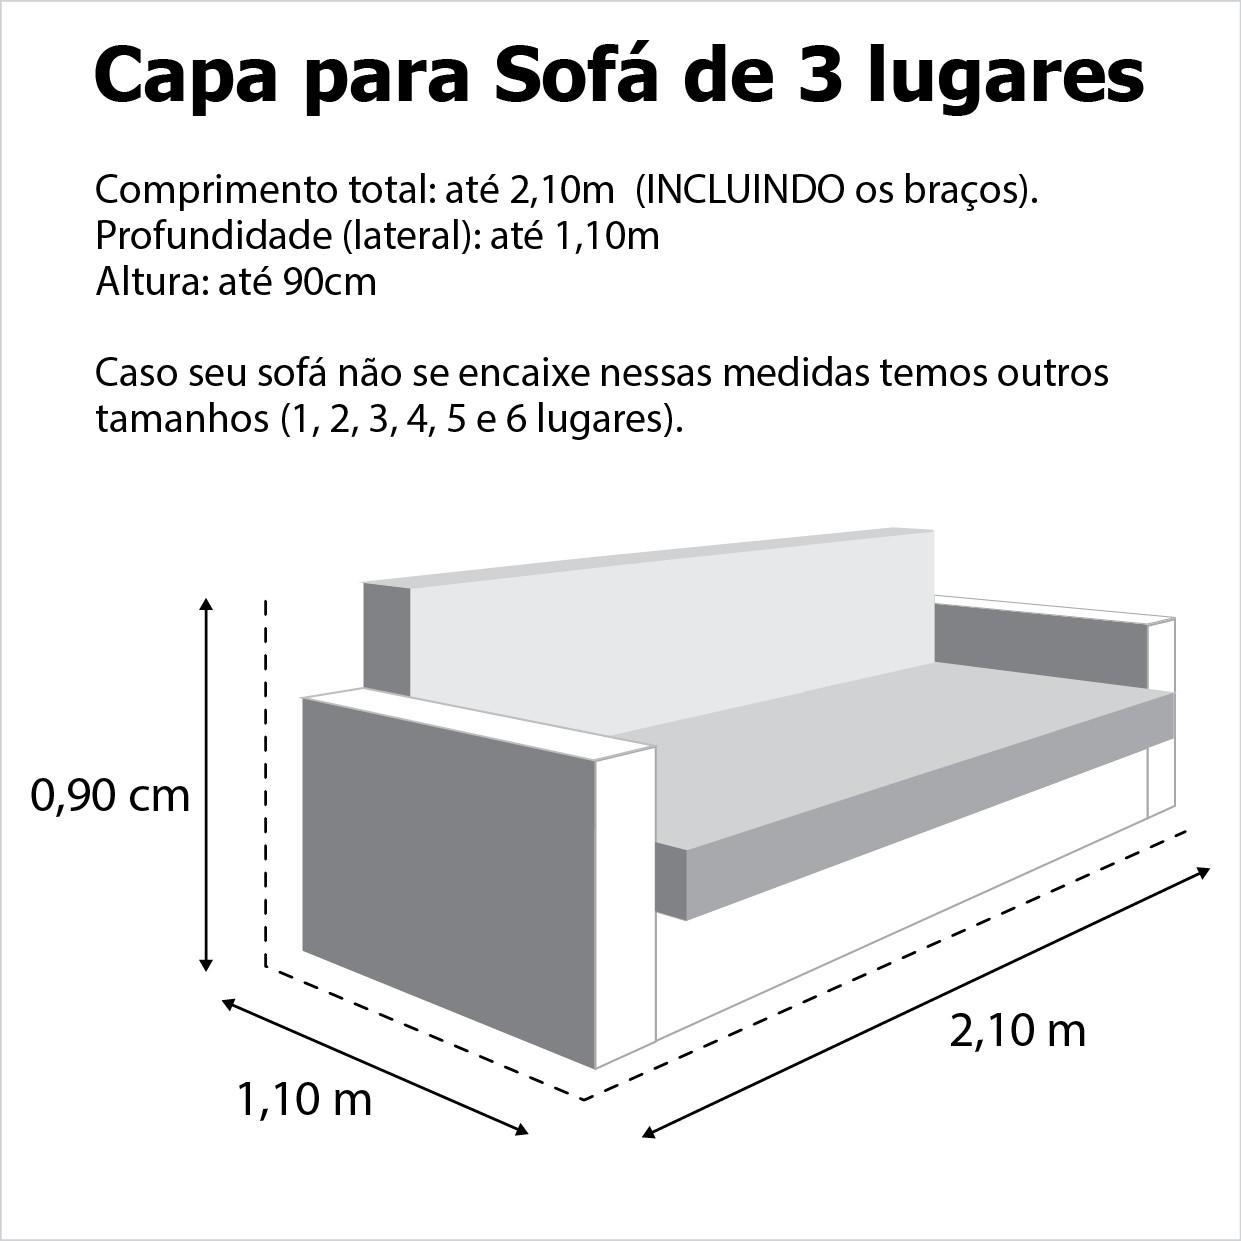 Capa p/ Sofá de 3 Lug MARROM em Brim